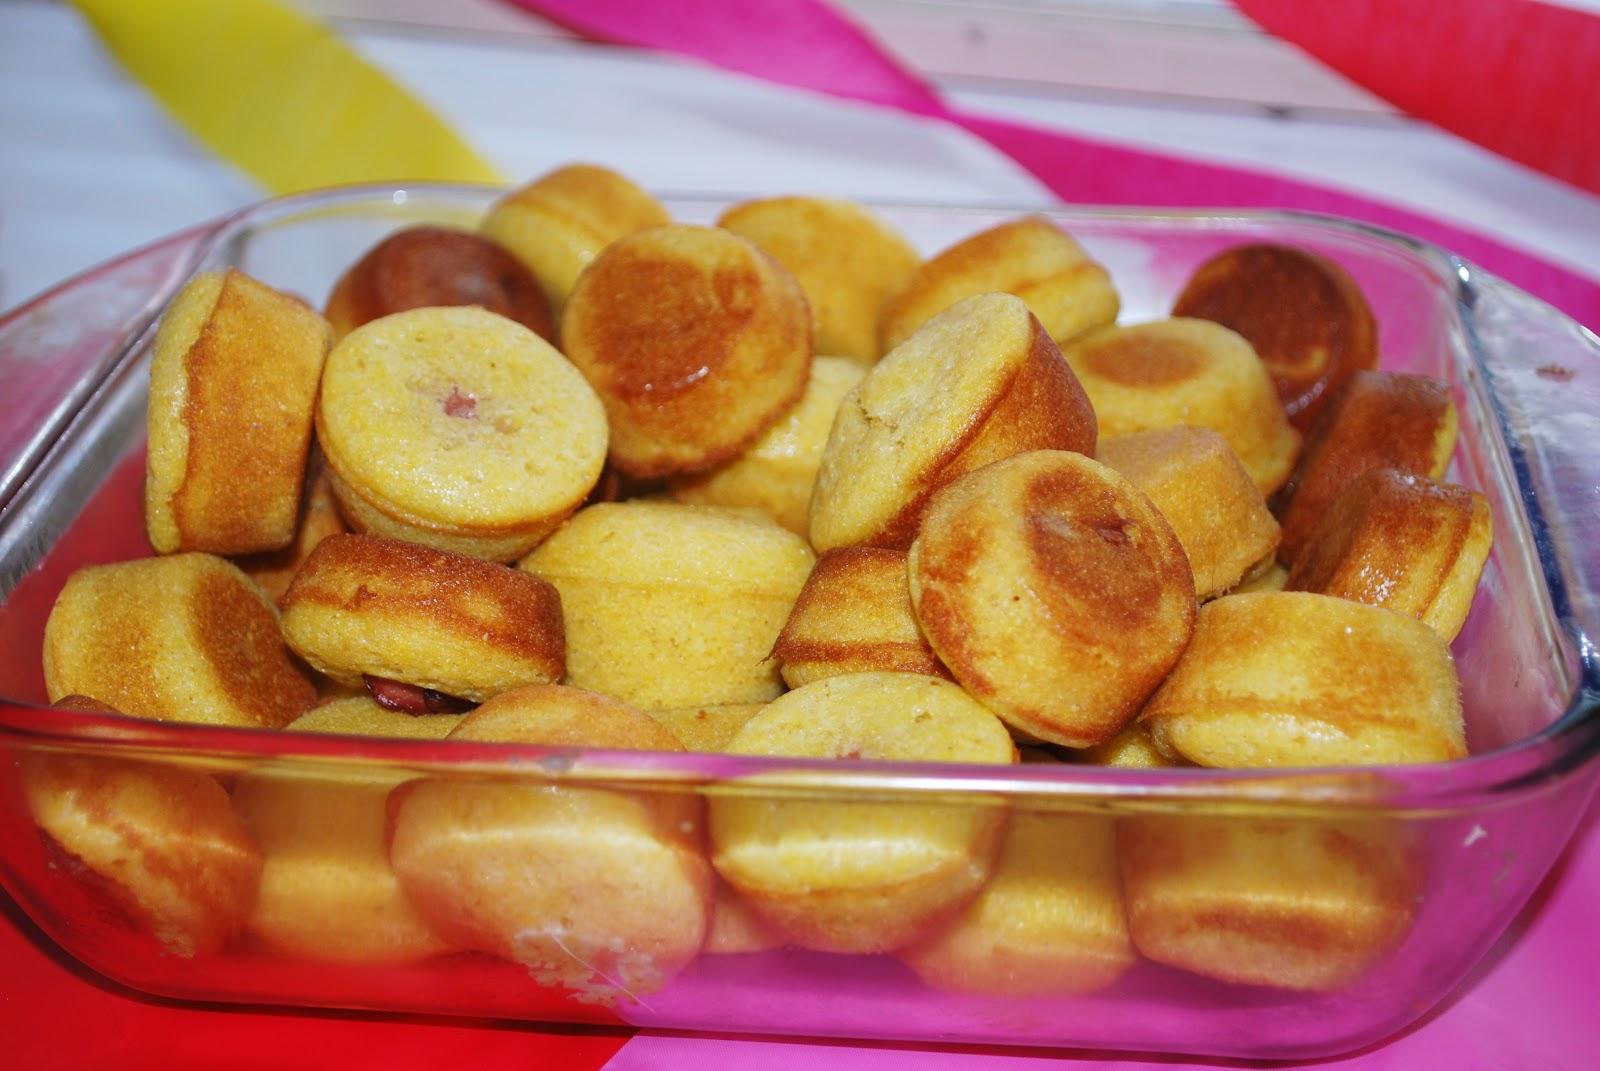 ... .com/2012/01/30/super-bowl-recipe-week-mini-corn-dog-muffins